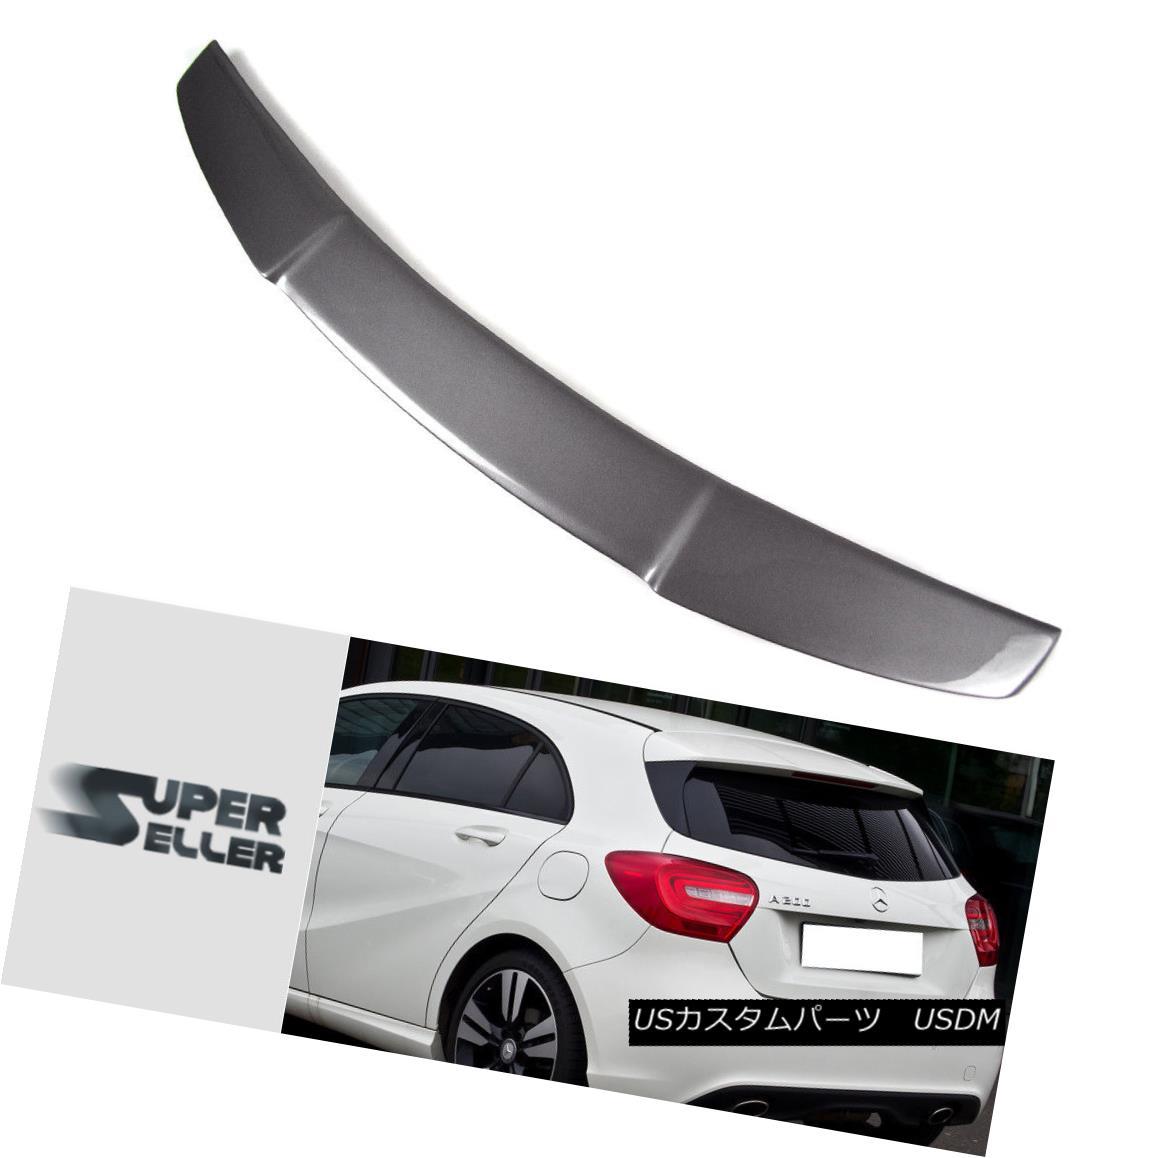 エアロパーツ Painted Color For Mercedes BENZ W176 Hatchback D Type Trunk Roof Spoiler 14-18 メルセデスベンツW176ハッチバックD型トランクルーフスポイラー14-18の塗装色